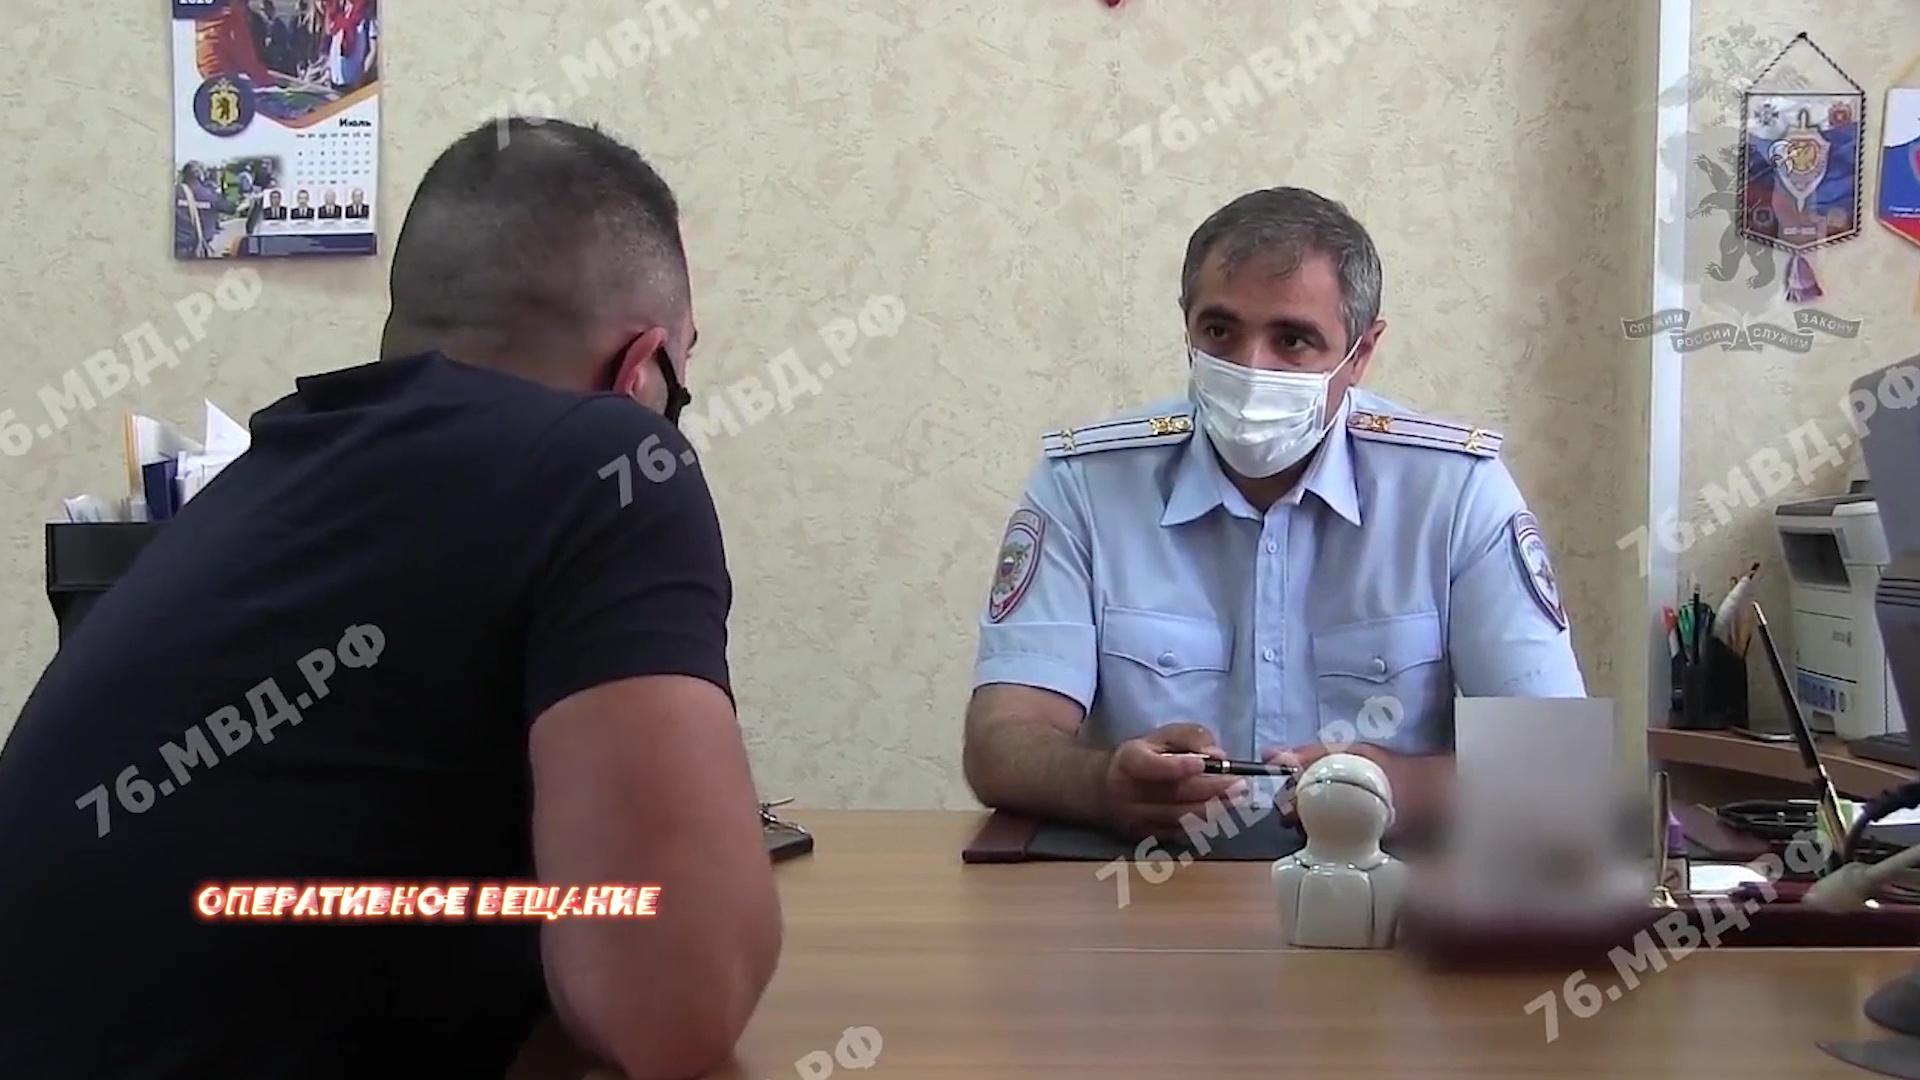 Бранился и поддерживал криминал: ярославцу, снявшему на видео нападение на полицейского, пришлось извиняться